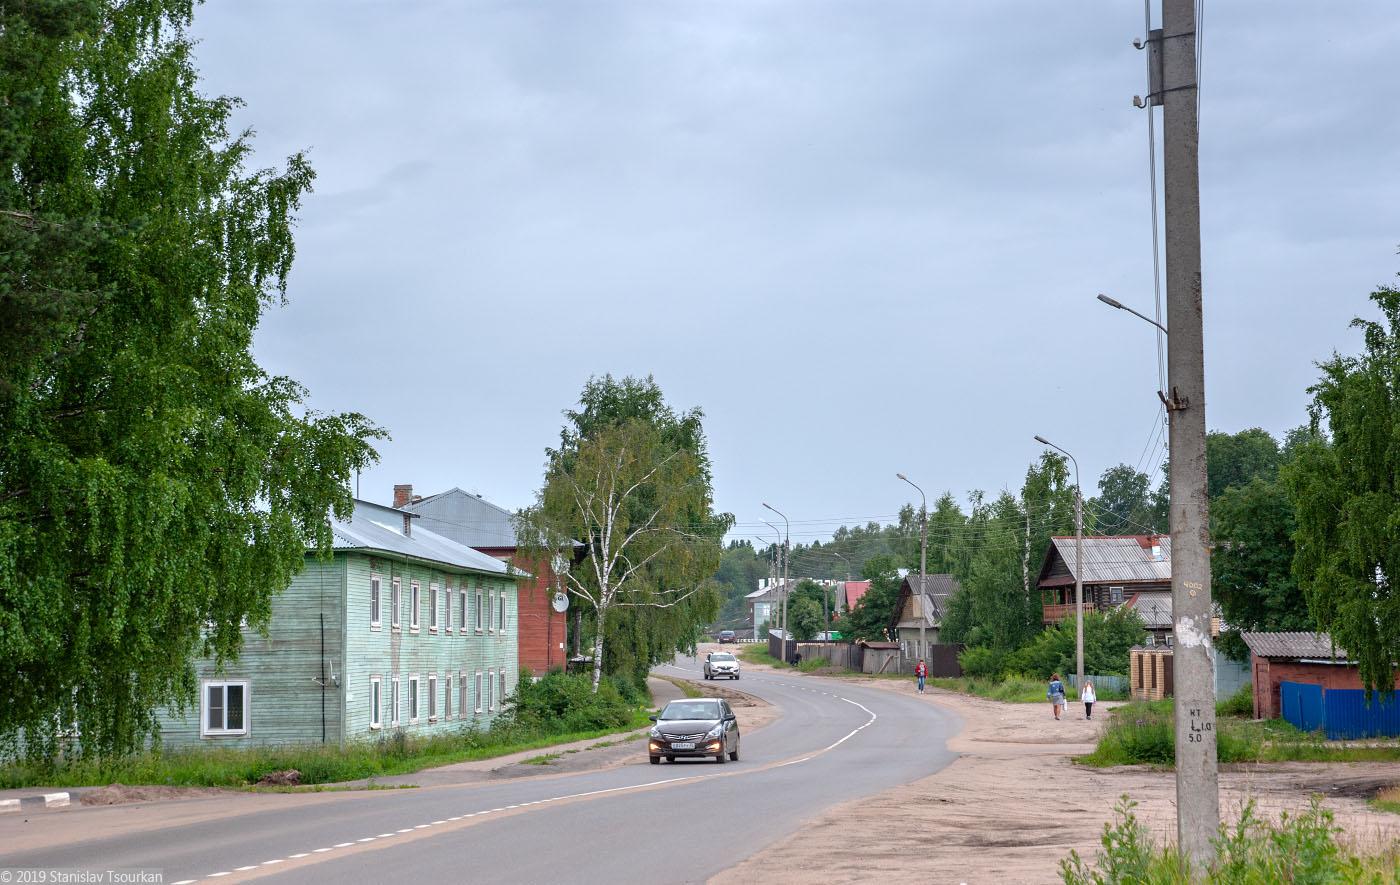 Вологодская область, Вологодчина, Великий устюг, Русский север, Гледенская улица